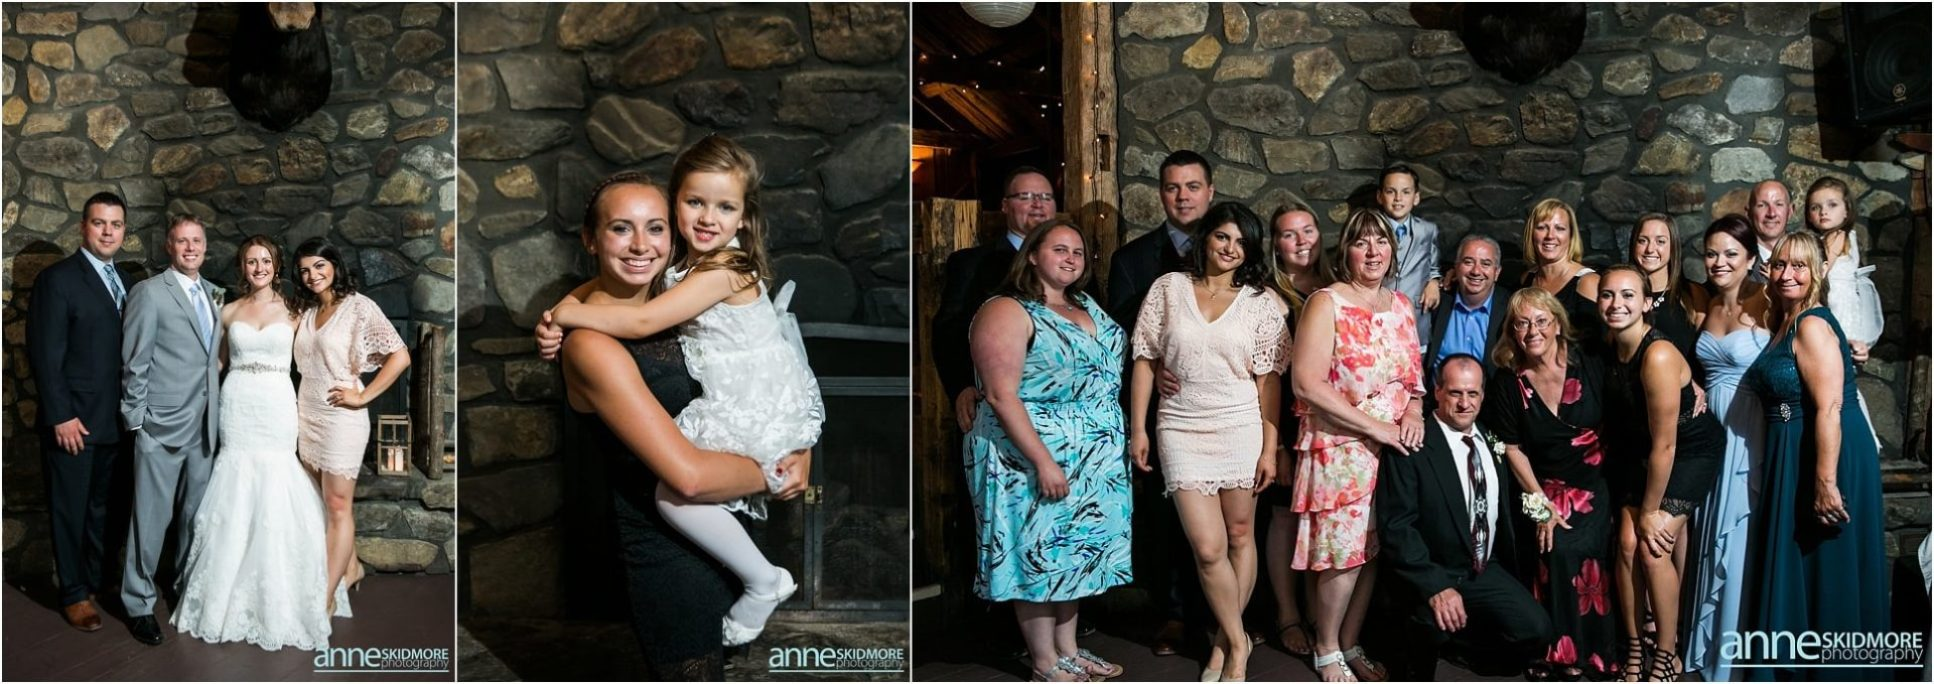 Whitneys_Inn_Wedding_0048